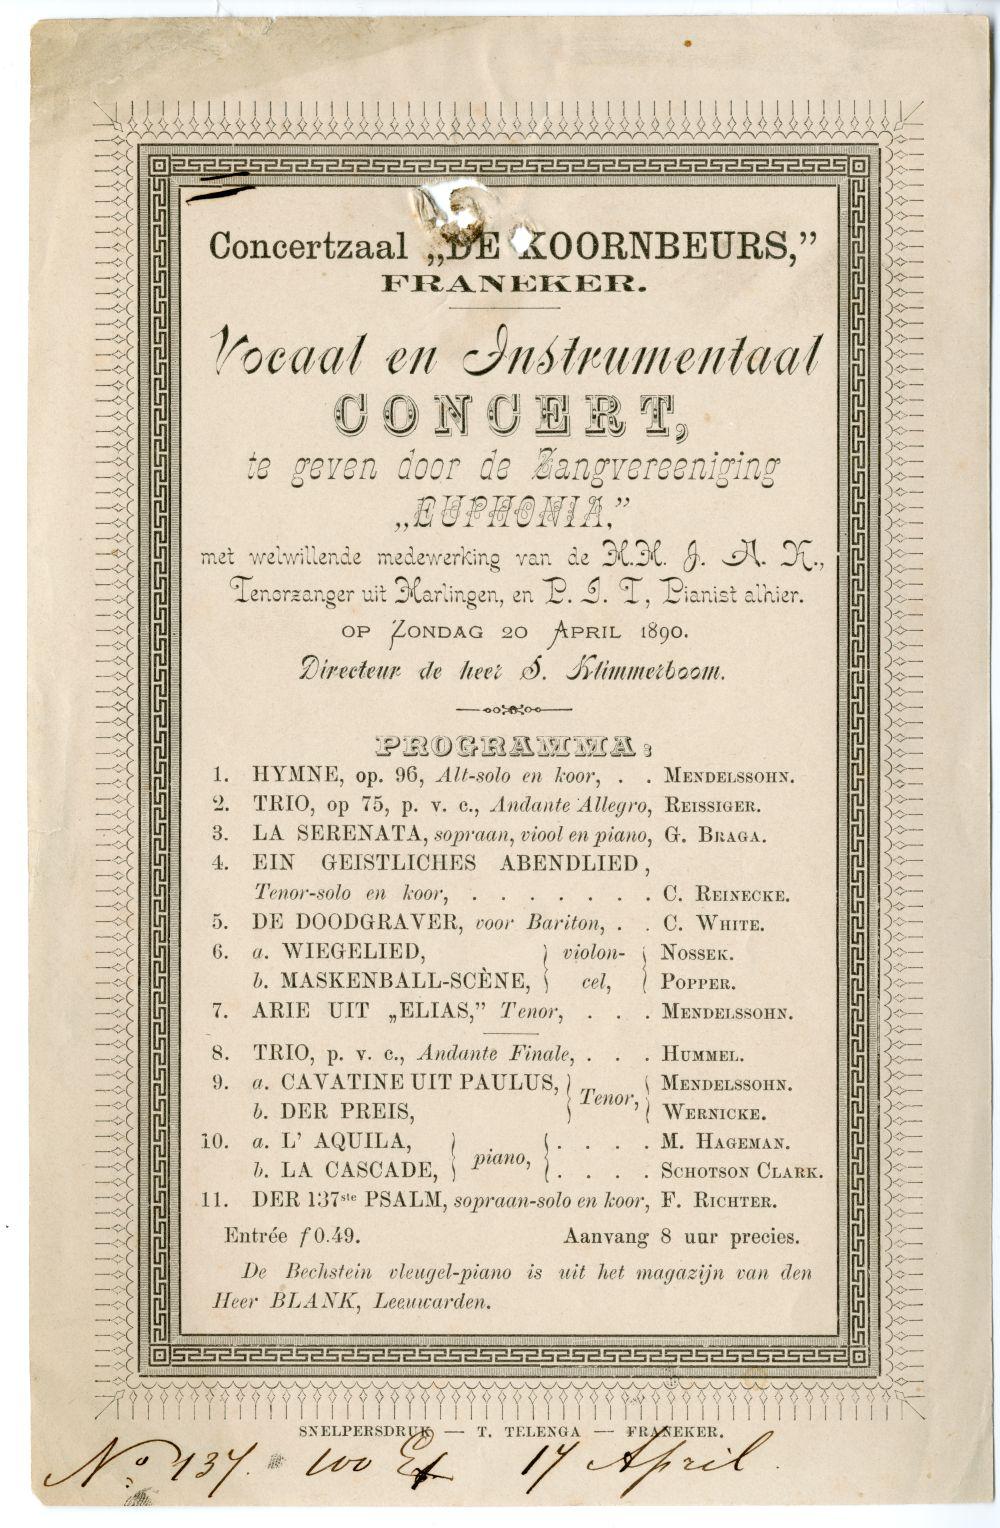 Programma van een concert van Zangvereniging Euphonia